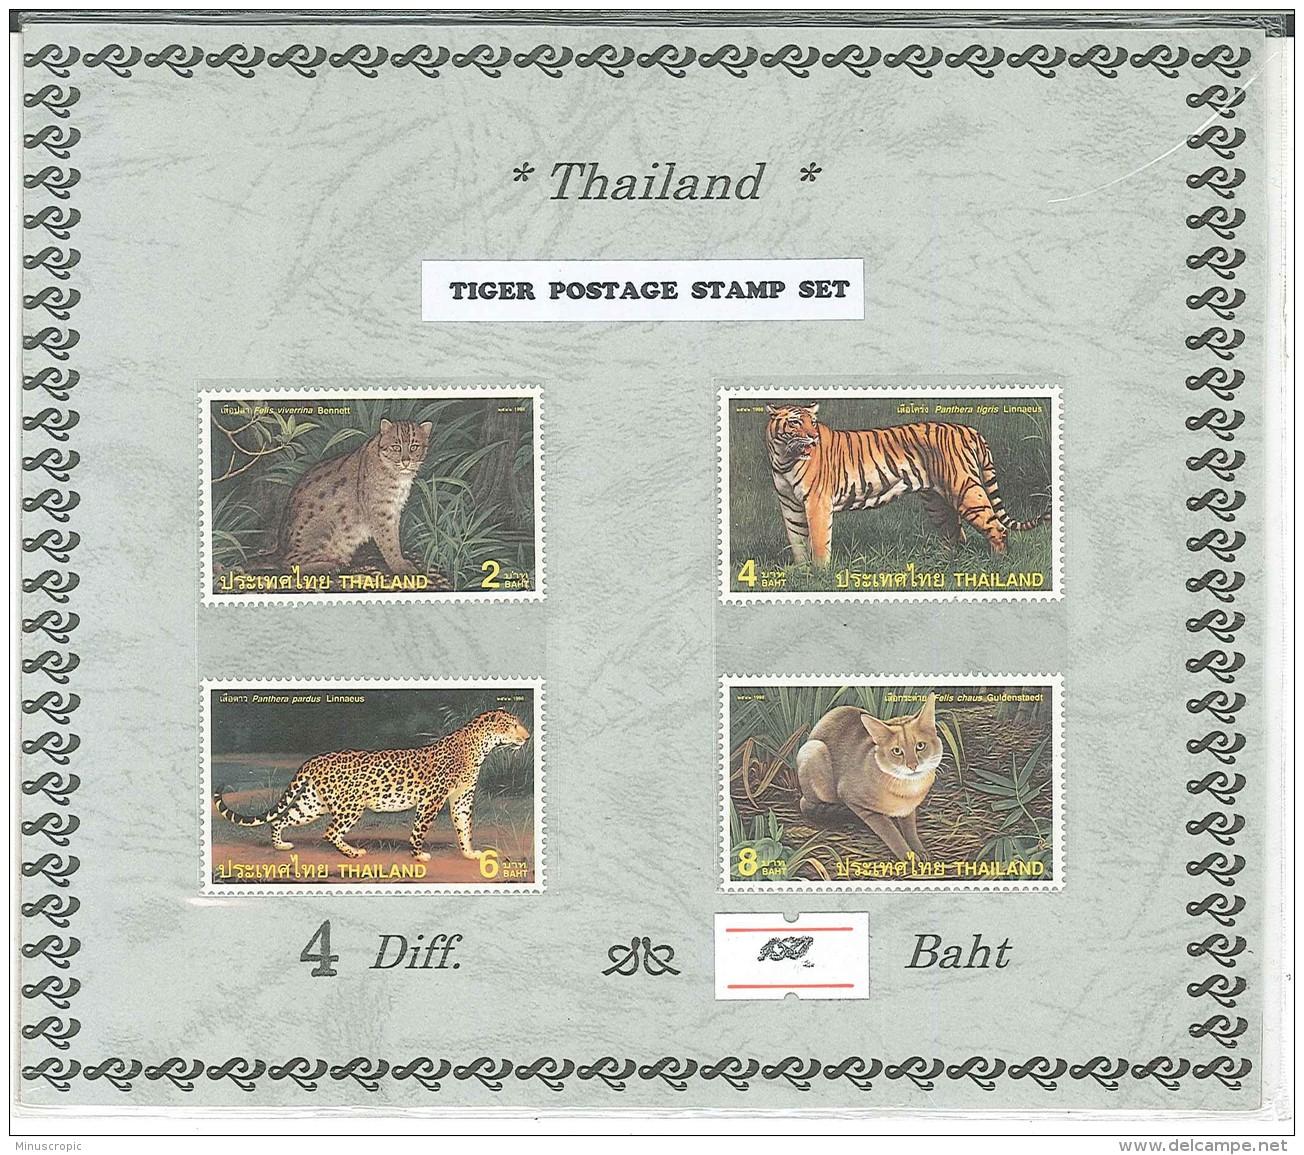 Thailande - Feuillet Avec 4 Timbres Tigres - Tiger Postage Stamp Set - Thailand